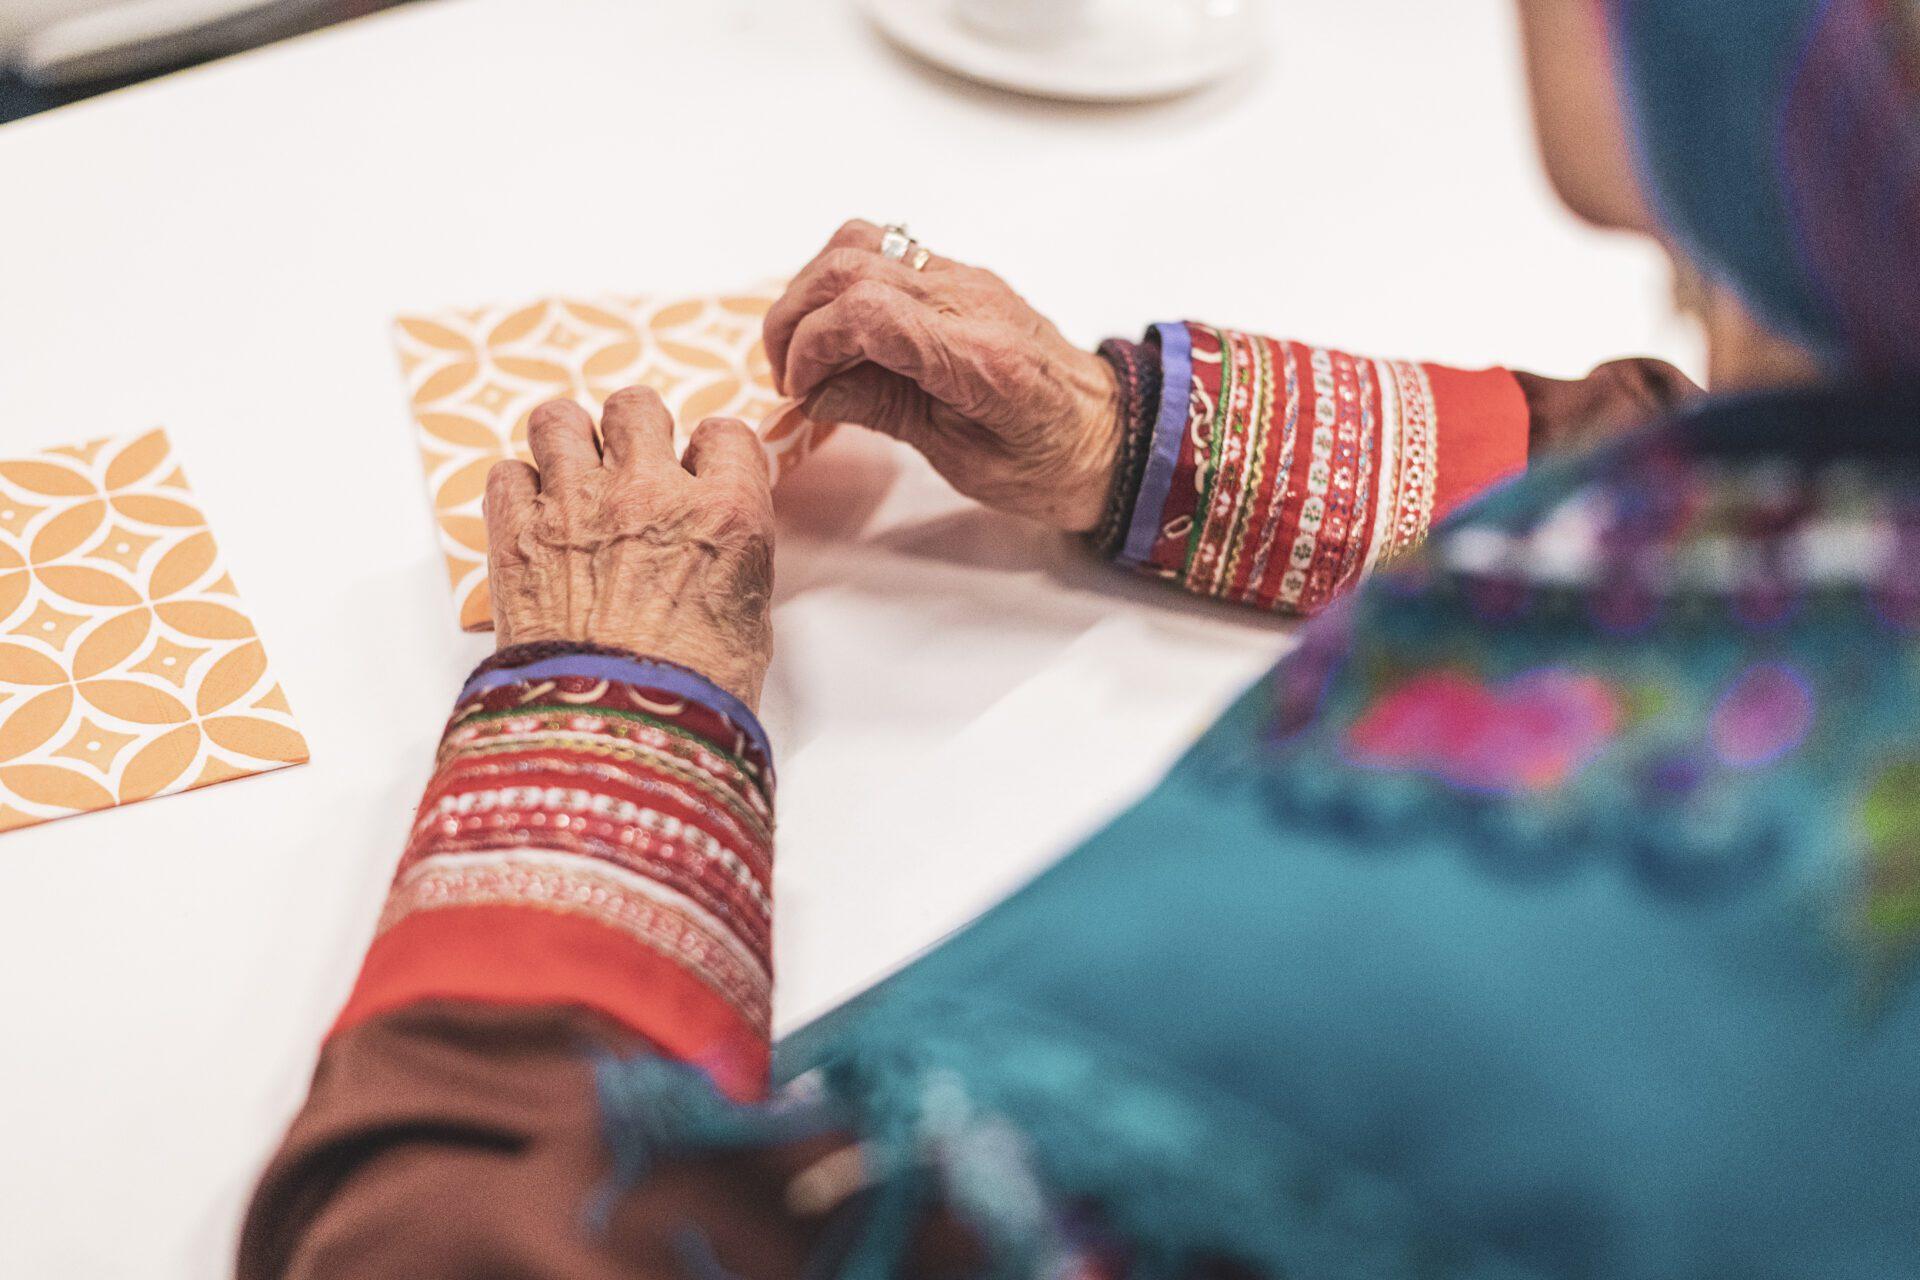 Eldre kvinne i tradisjonelle klær som bretter en serviett